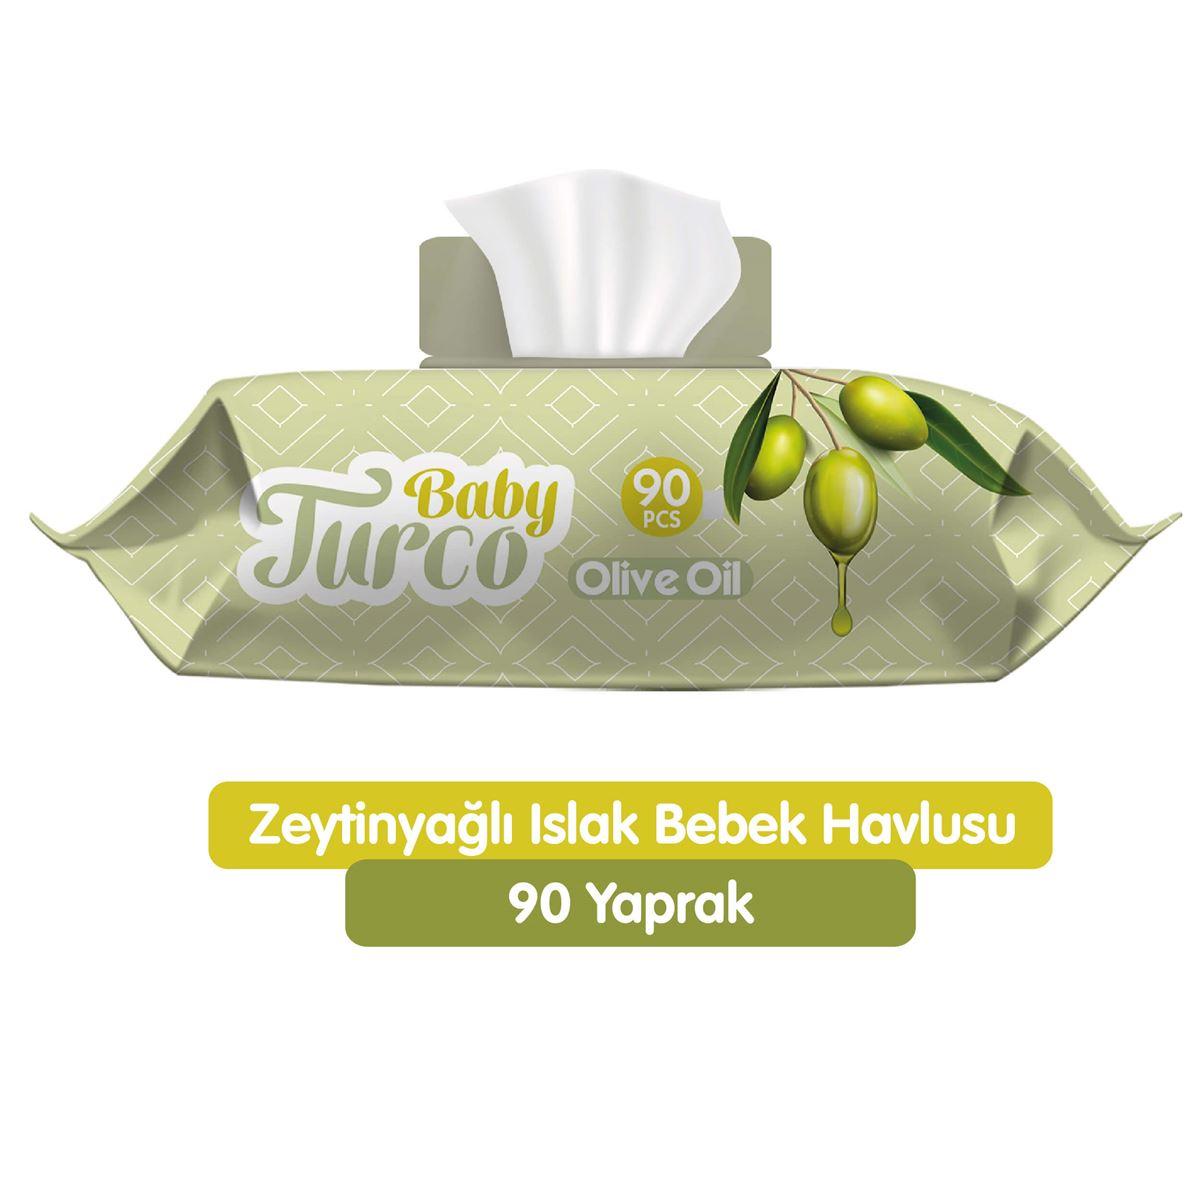 Baby Turco Zeytinyağlı Islak Bebek Havlusu 90 Adet